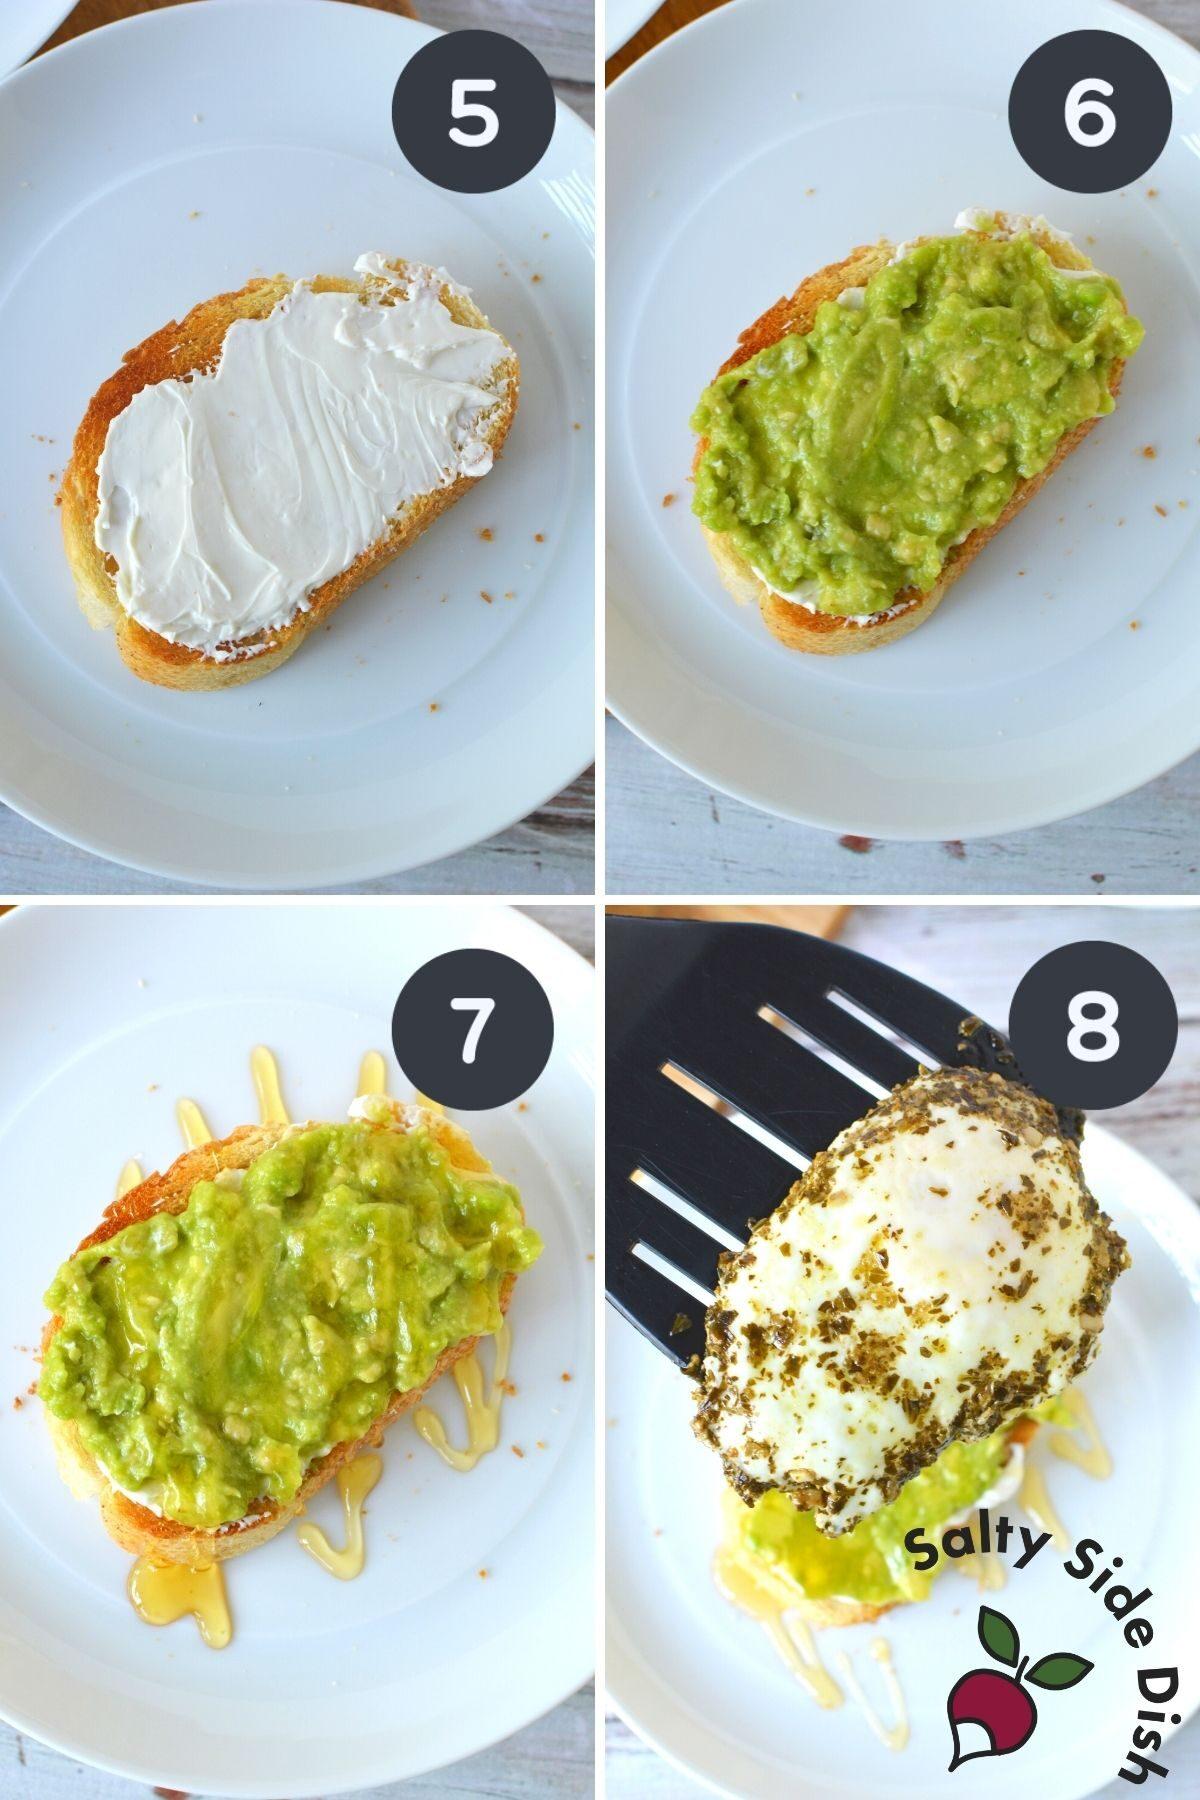 adding avocado, honey and egg onto a piece of toast.